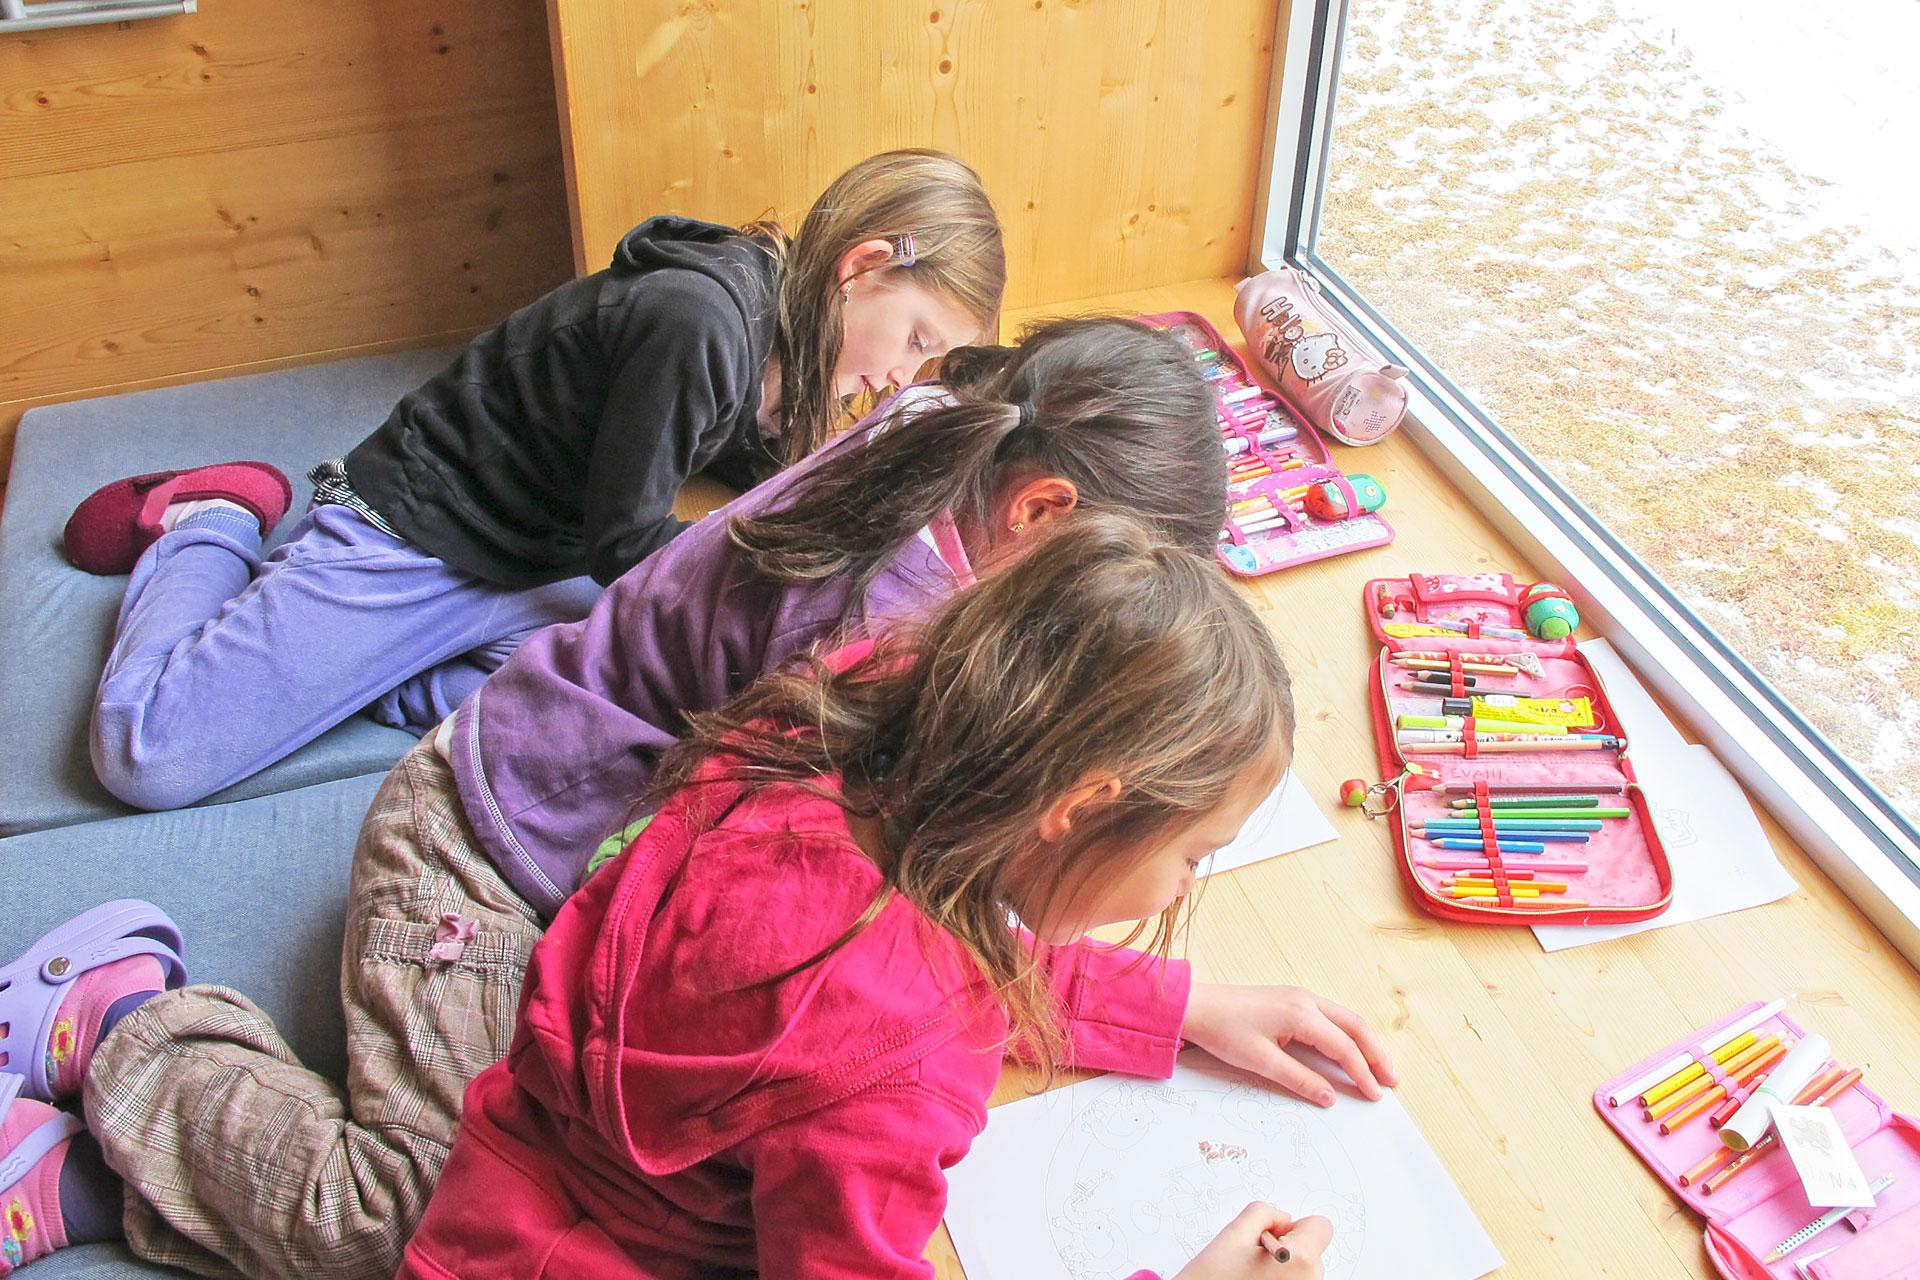 drei Schülerinnen lernen auf der Fensterbank